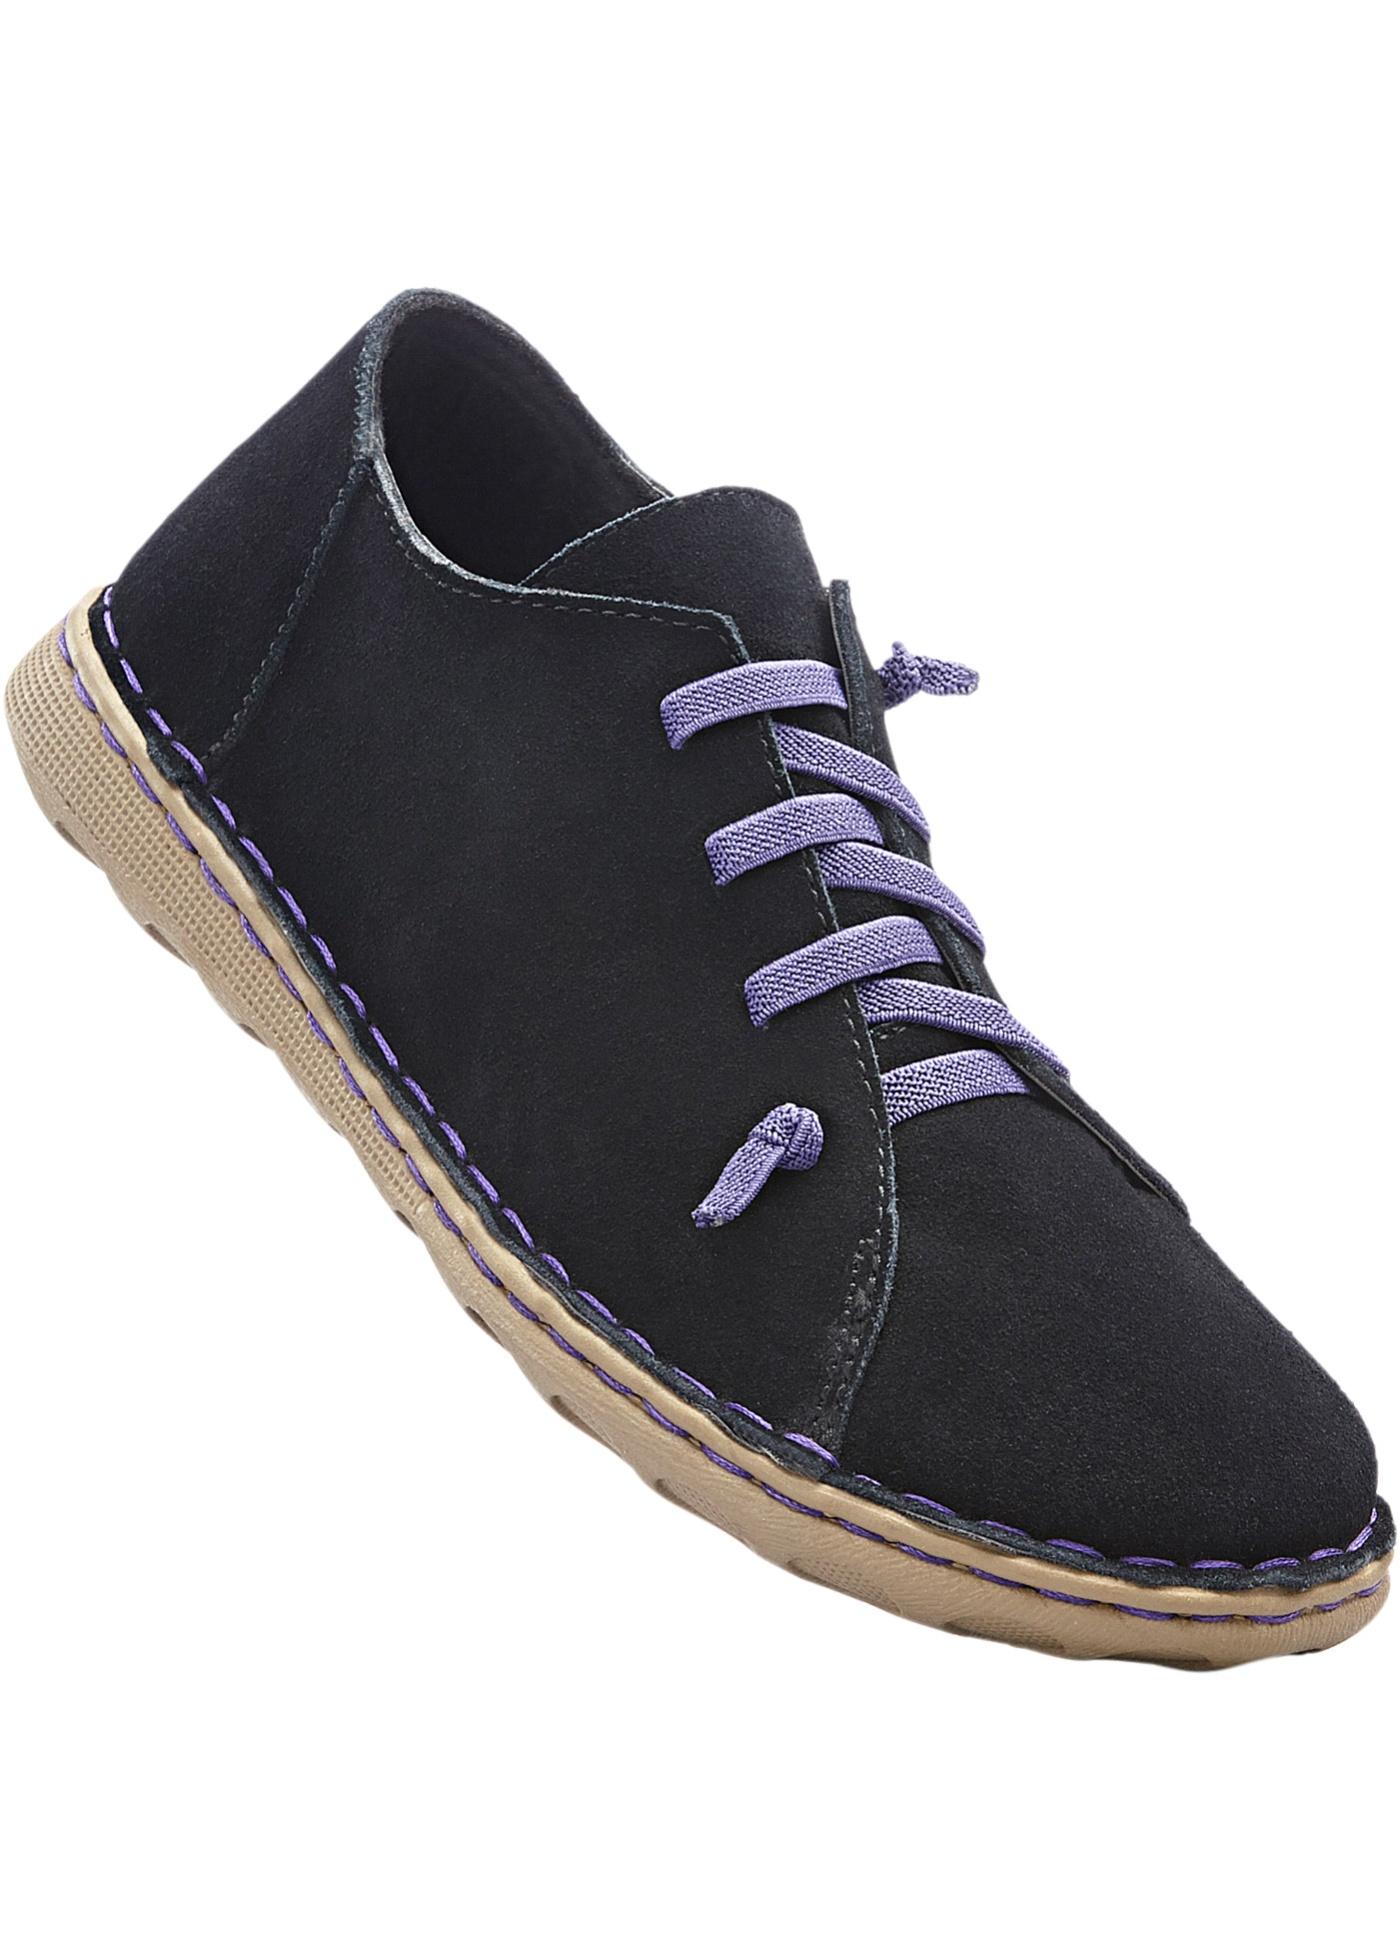 Pohodlná kožená obuv na šněrování - Černá